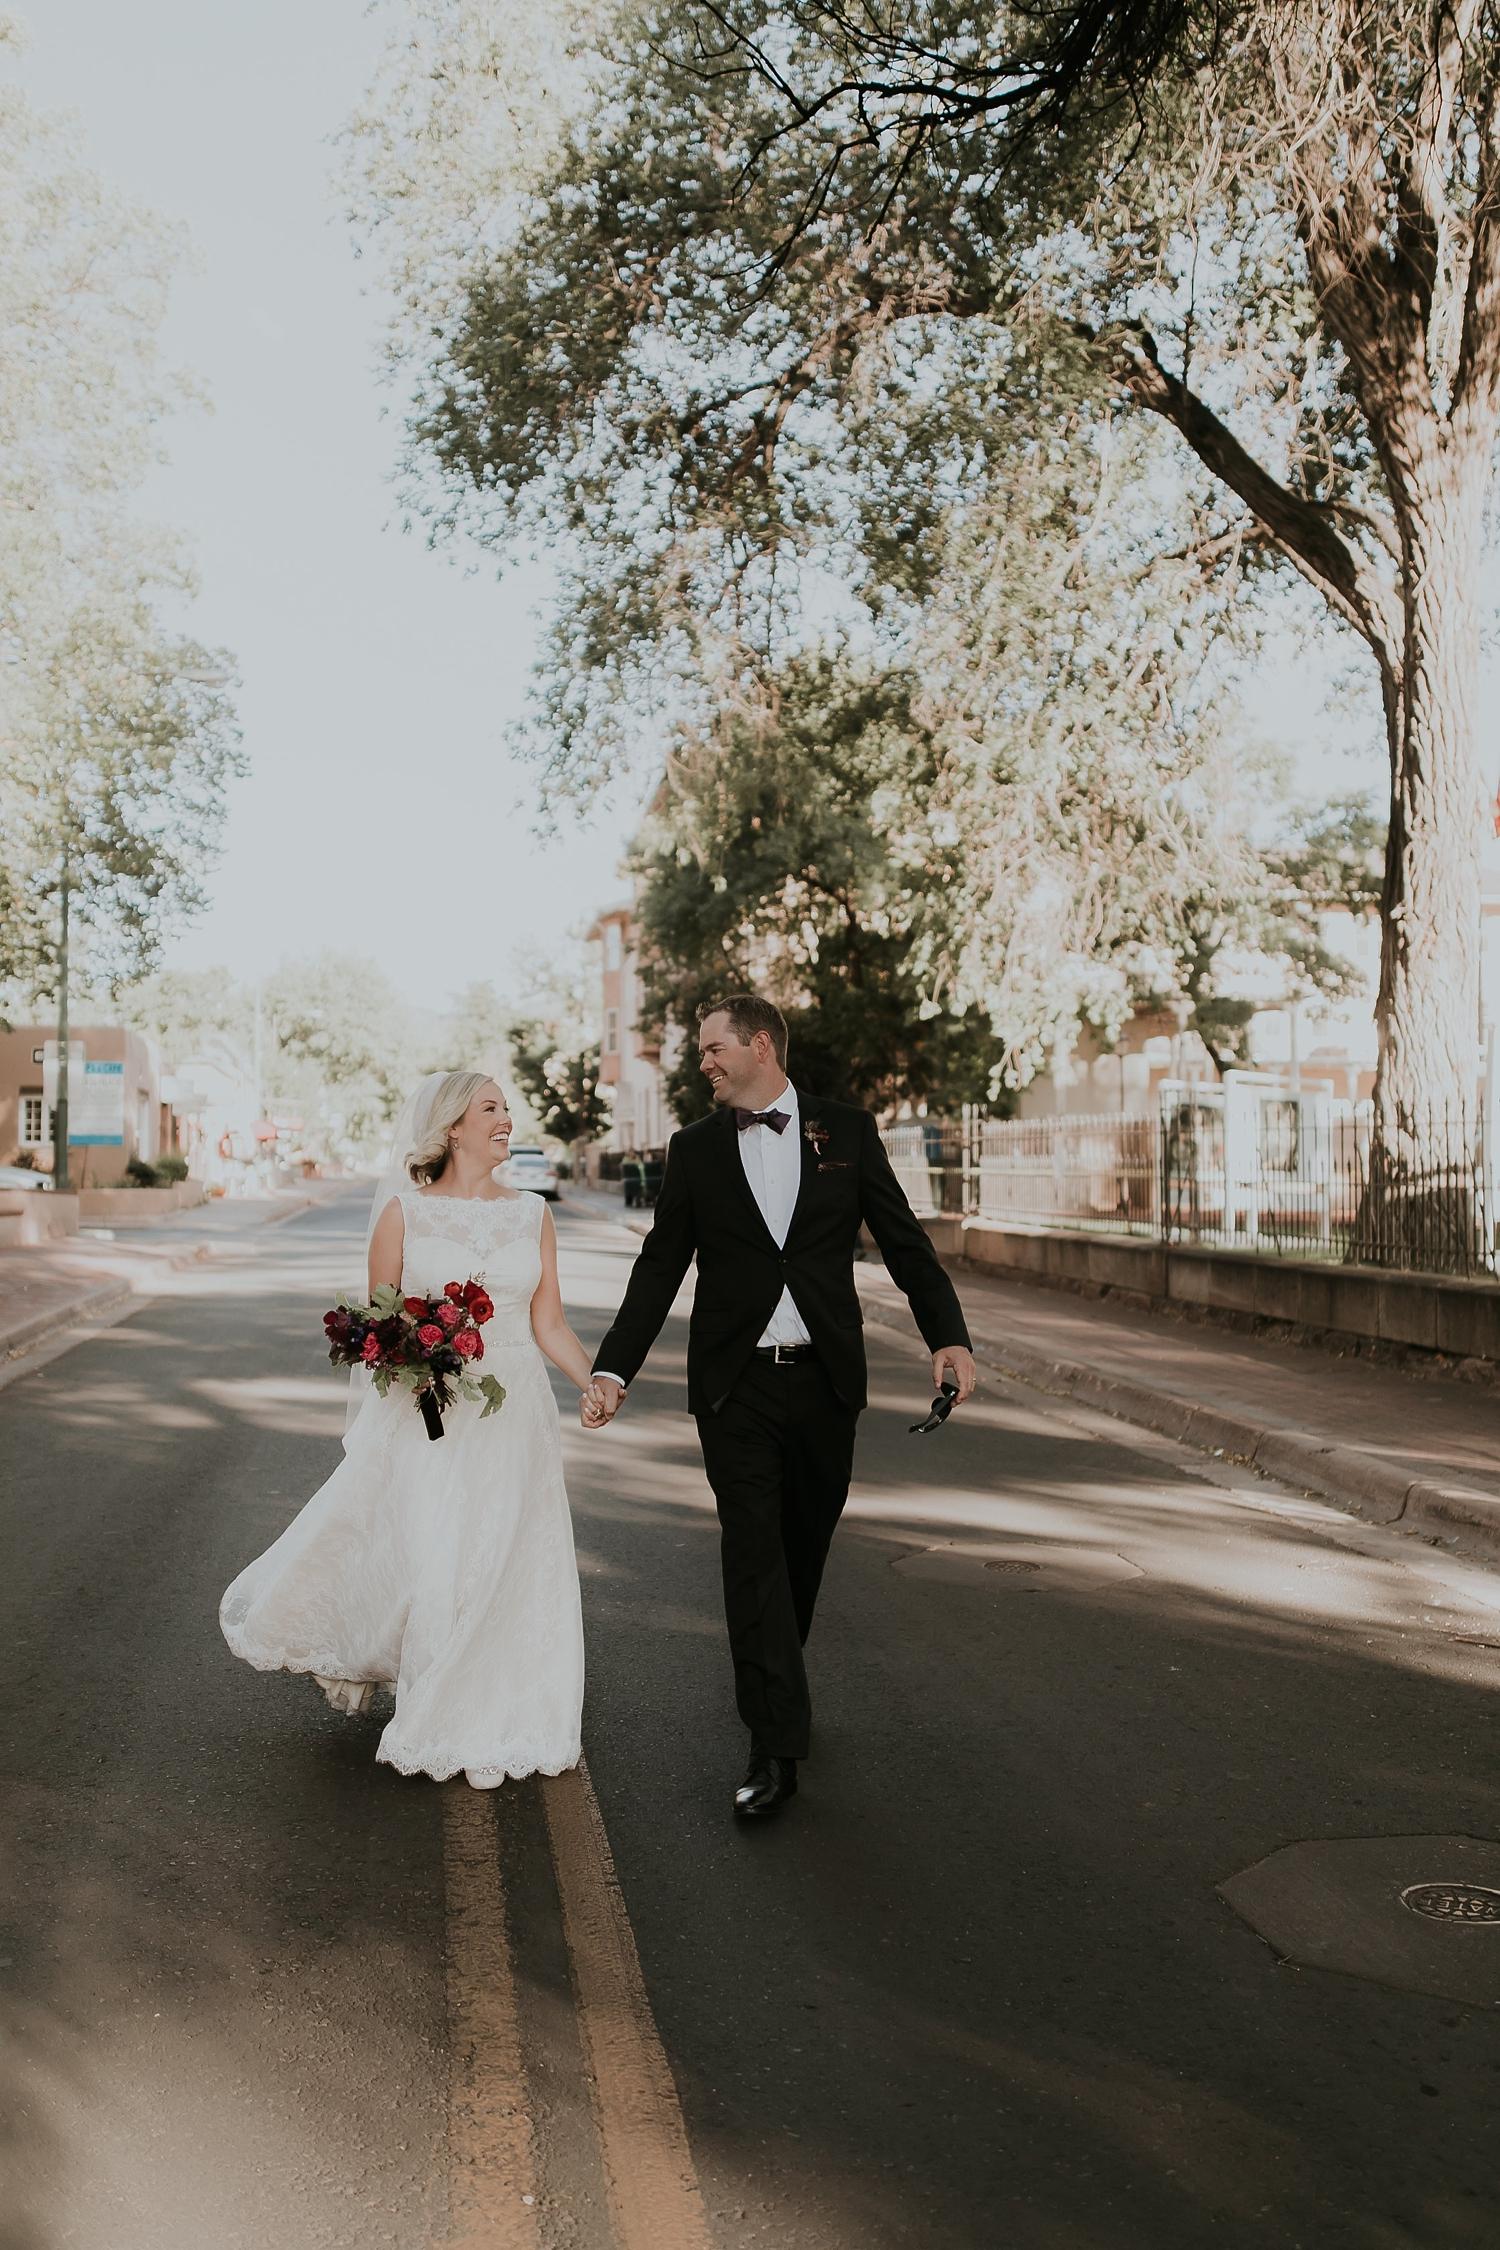 Alicia+lucia+photography+-+albuquerque+wedding+photographer+-+santa+fe+wedding+photography+-+new+mexico+wedding+photographer+-+la+fonda+wedding+-+la+fonda+fall+wedding+-+intimate+la+fonda+wedding_0056.jpg